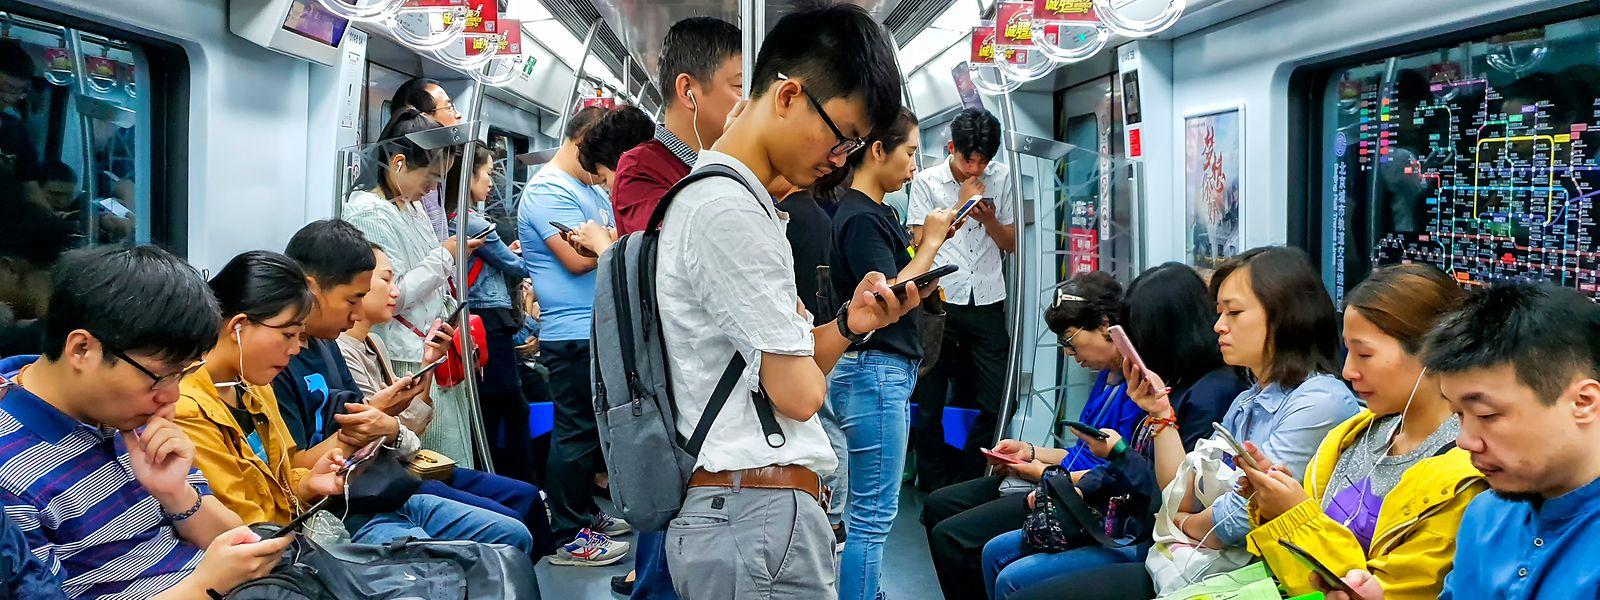 Auch Smartphones werden in China zur Überwachung und Ortung der Bürger genutzt.